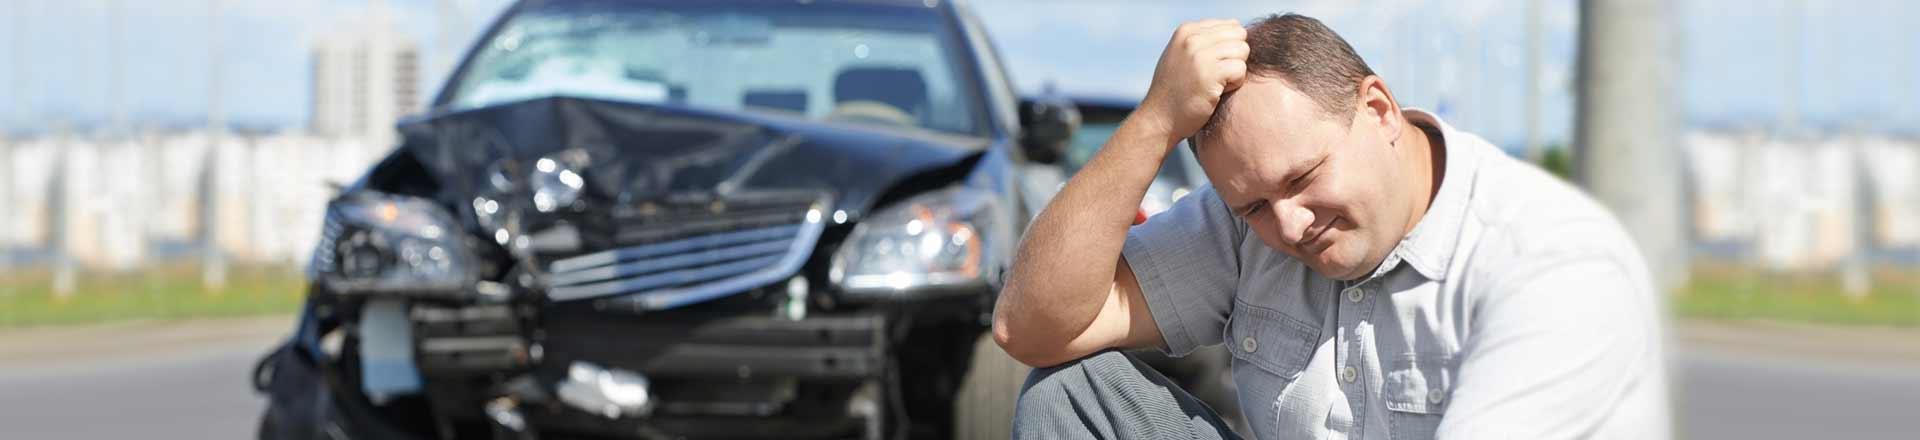 حادثه رانندگی مصداق هدم است و در فرضی که تقدم و تأخر فوت مشخص نباشد از یکدیگر ارث میبرند